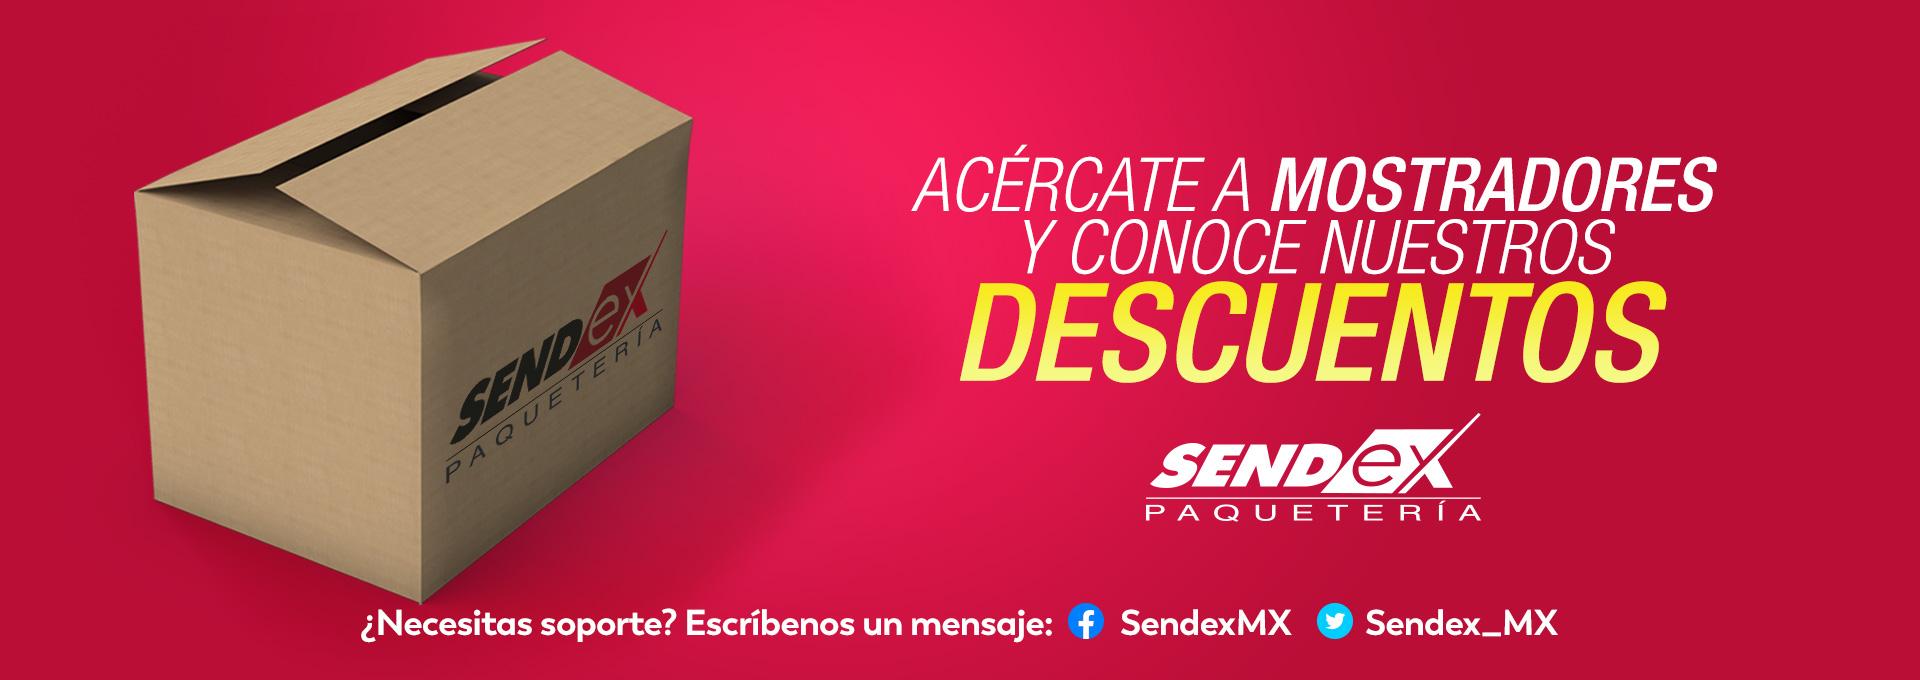 Sendex Paquetería